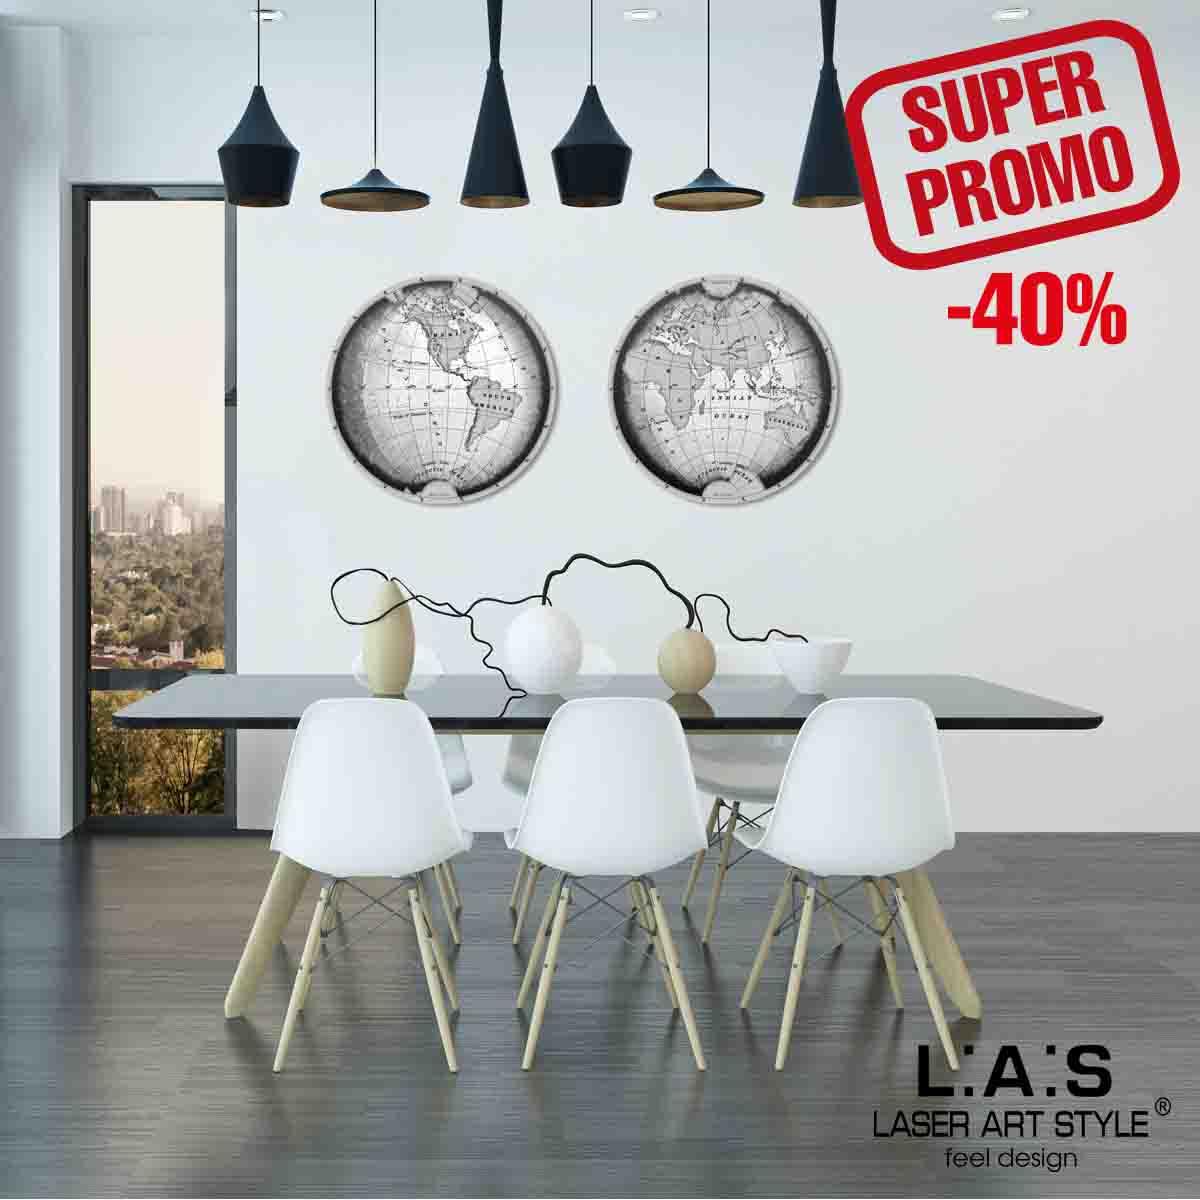 L:A:S - Laser Art Style - QUADRO DESIGN PLANISFERO SI-371 DECORO NERO